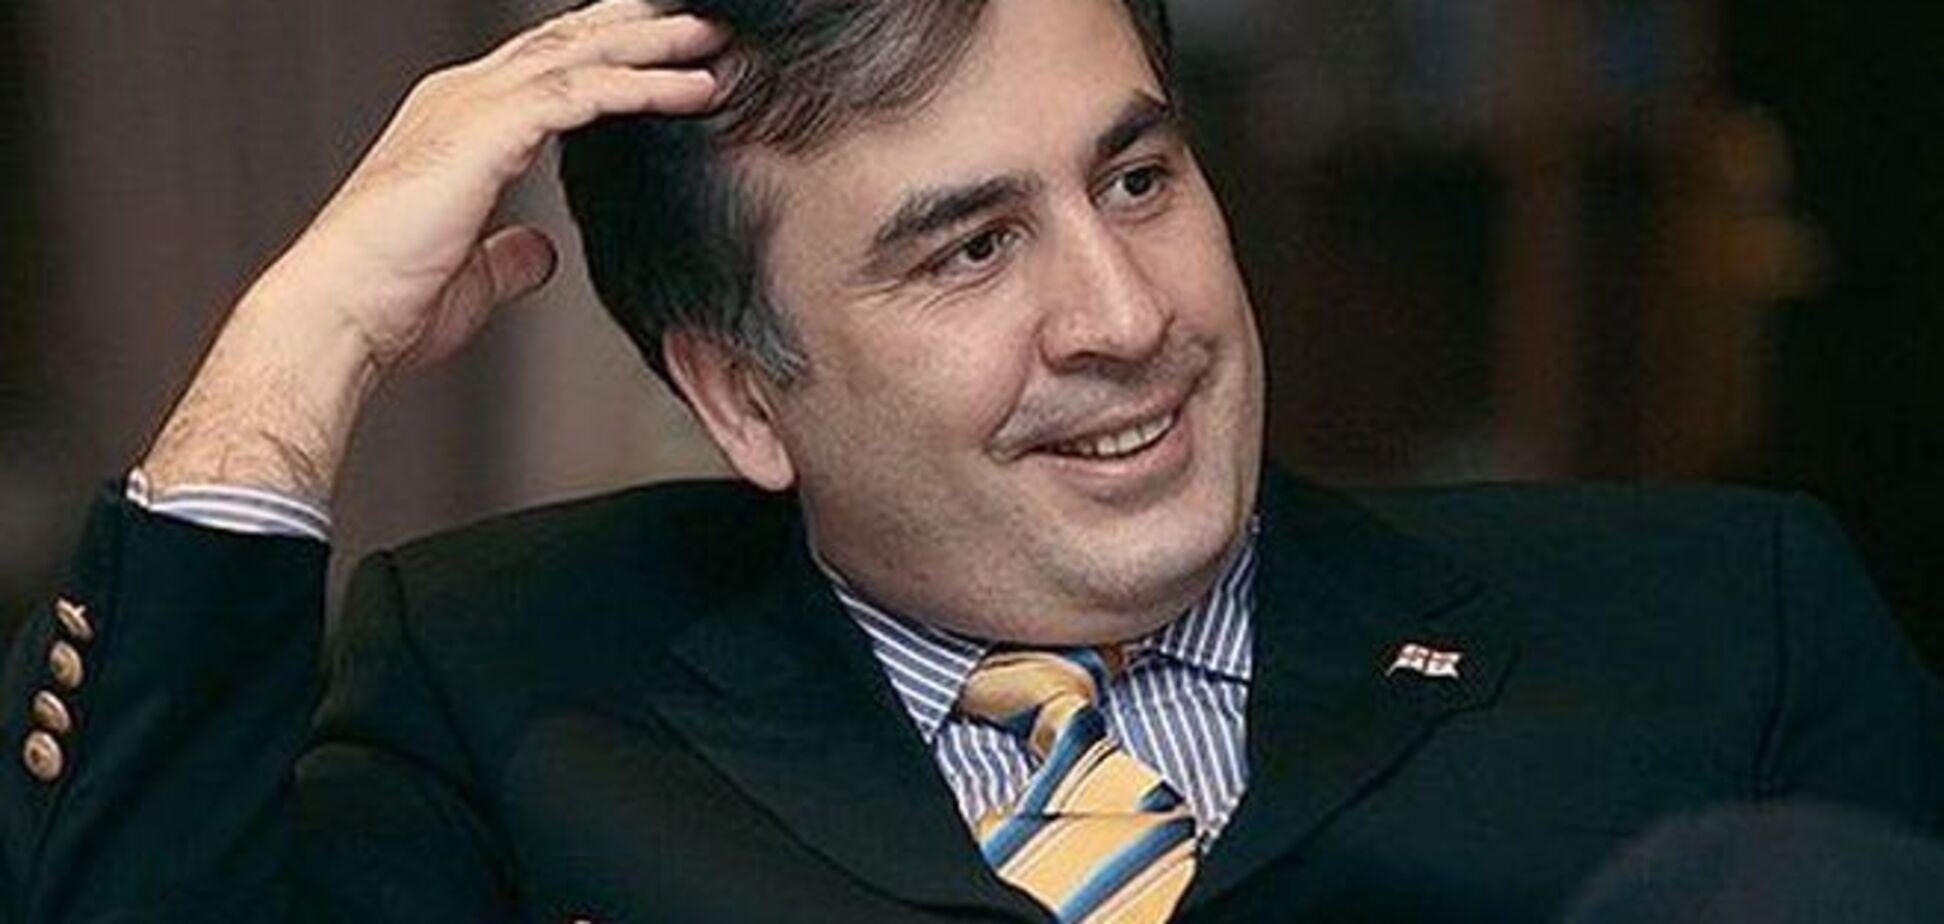 Саакашвили готов помочь Украине победить коррупцию: у вас сейчас невозможно не красть